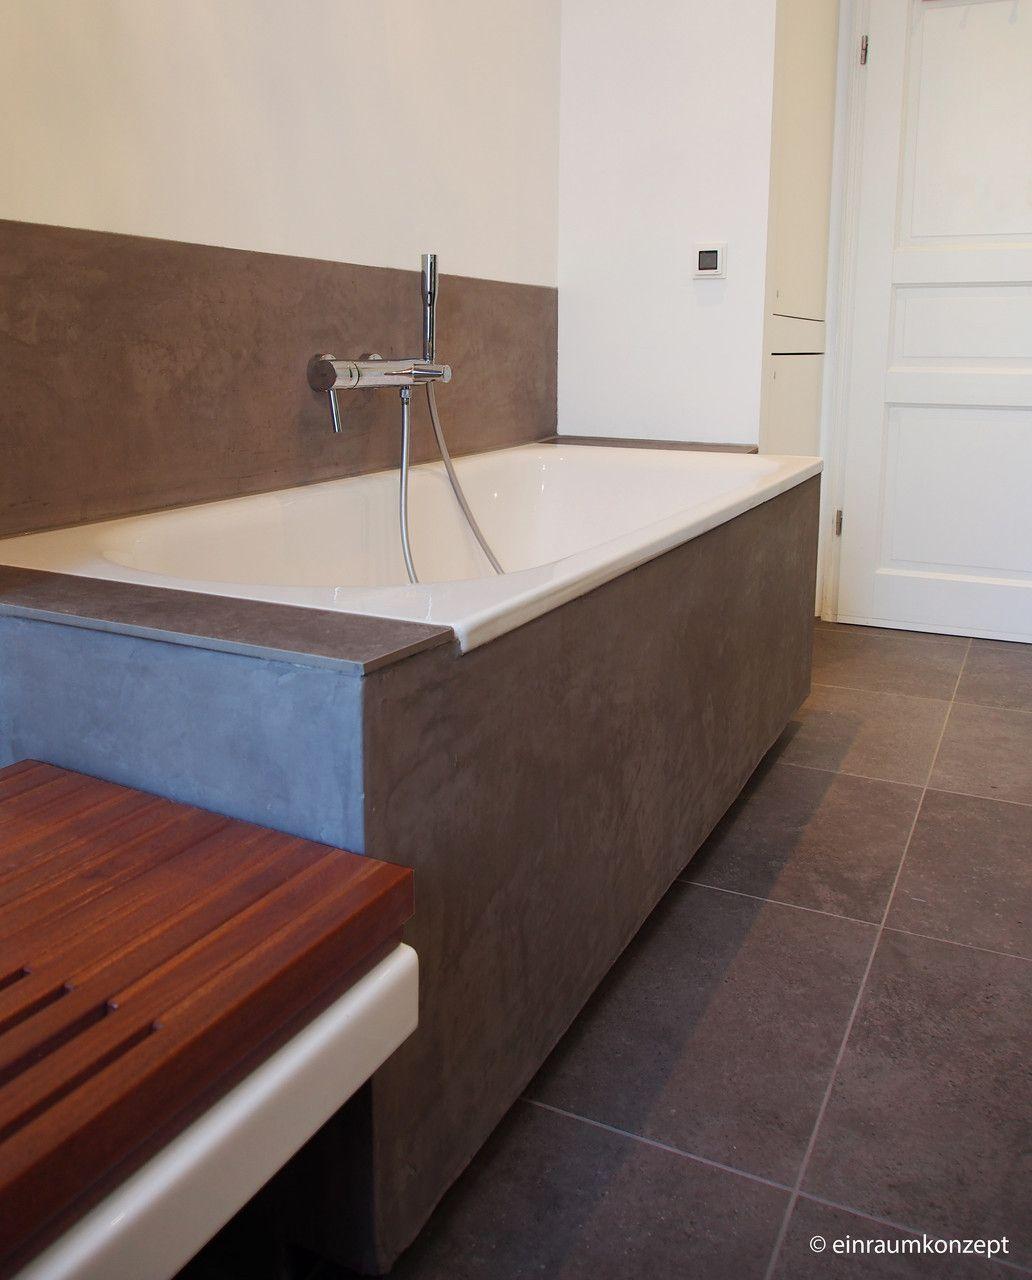 Bad, bathroom, Berlin, Interior Design, Planung, Fliese, Beton ...